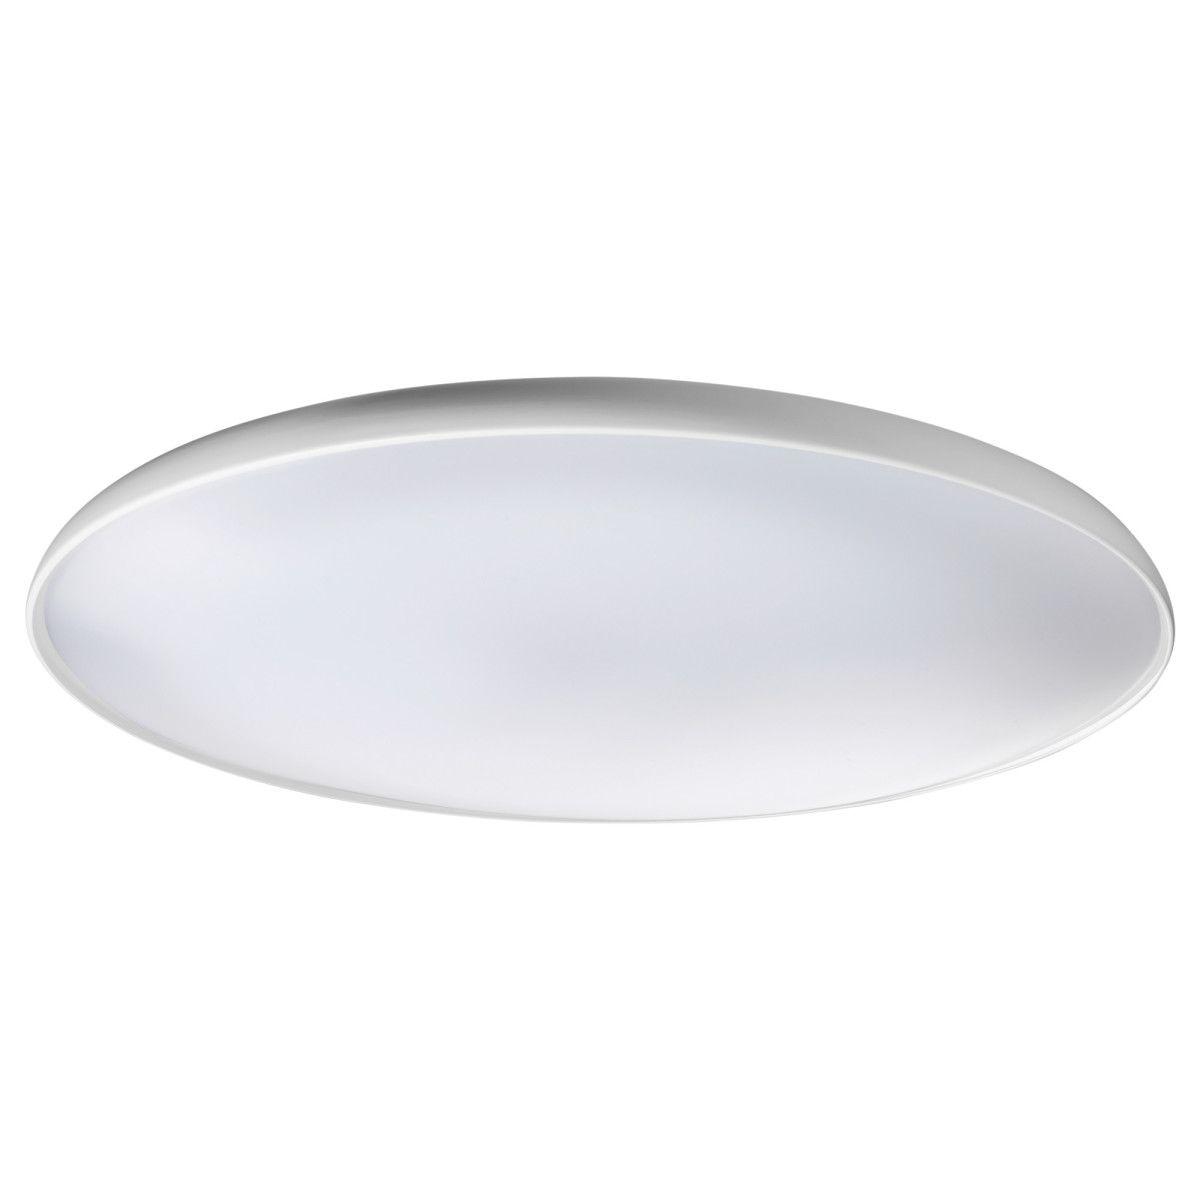 Cool Led Lampen Deckenleuchte Referenz Von NymÅne, Deckenleuchte, Led, Weiß, A++ Jetzt Bestellen